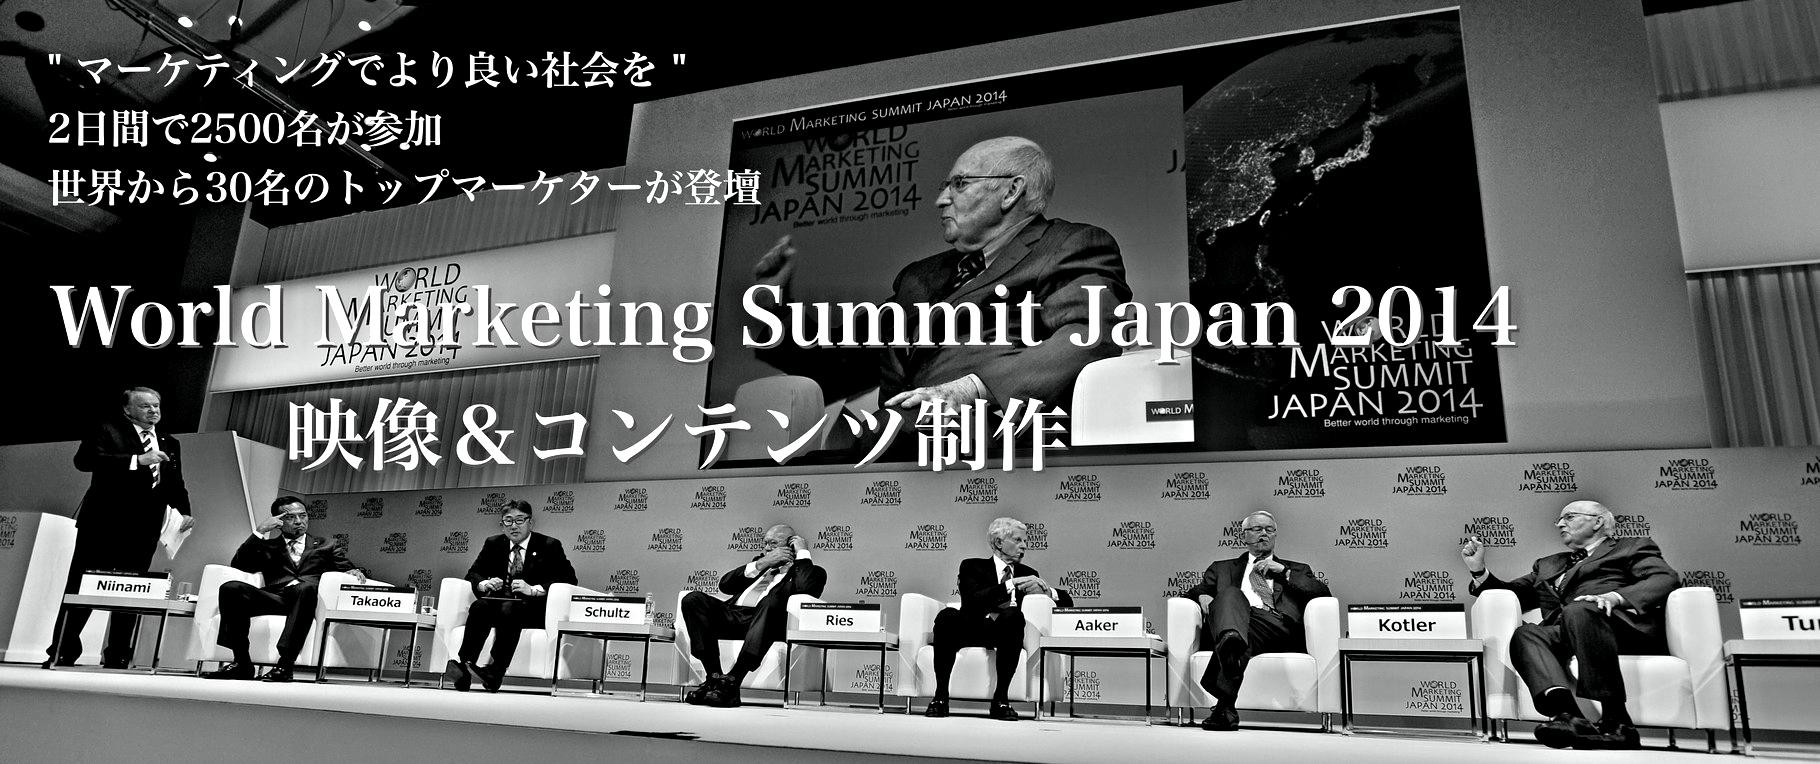 マーケティング ワールドマーケティングサミット World Marketing Summit Japan 2014 コトラー アーカー